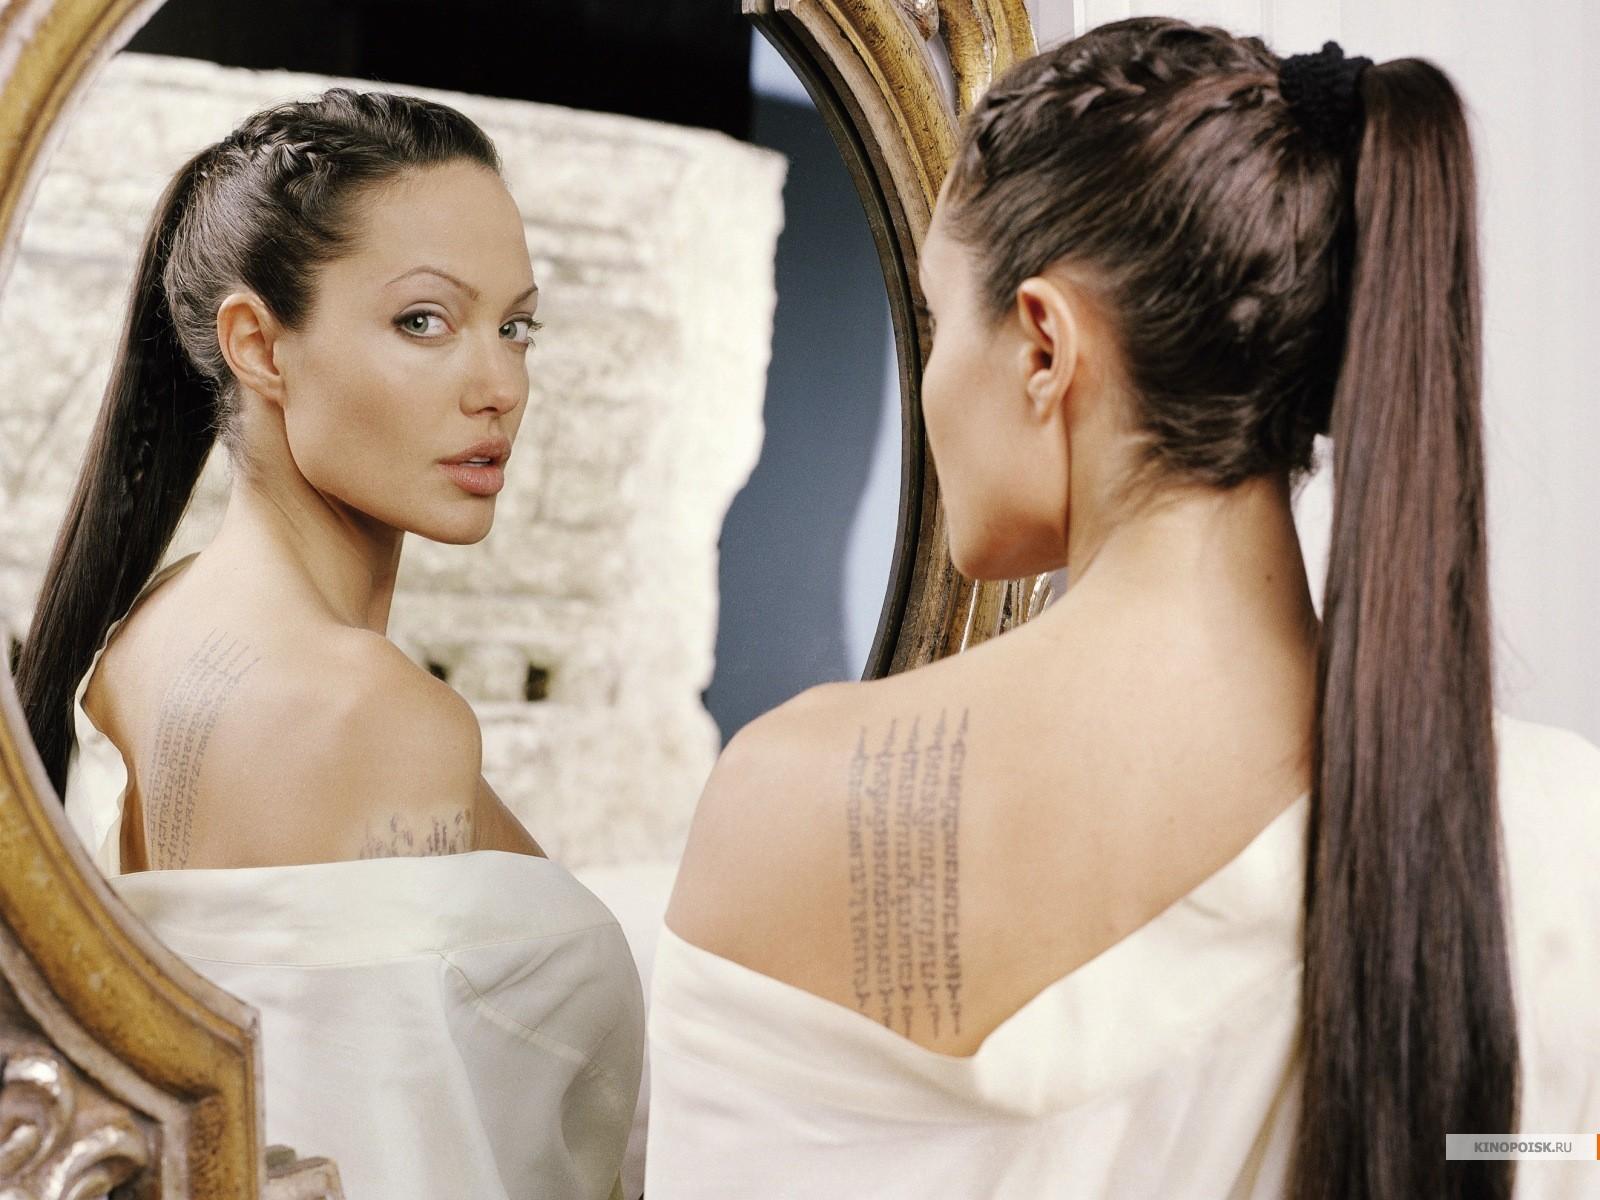 Angelina Jolie 9 Wide Wallpaper